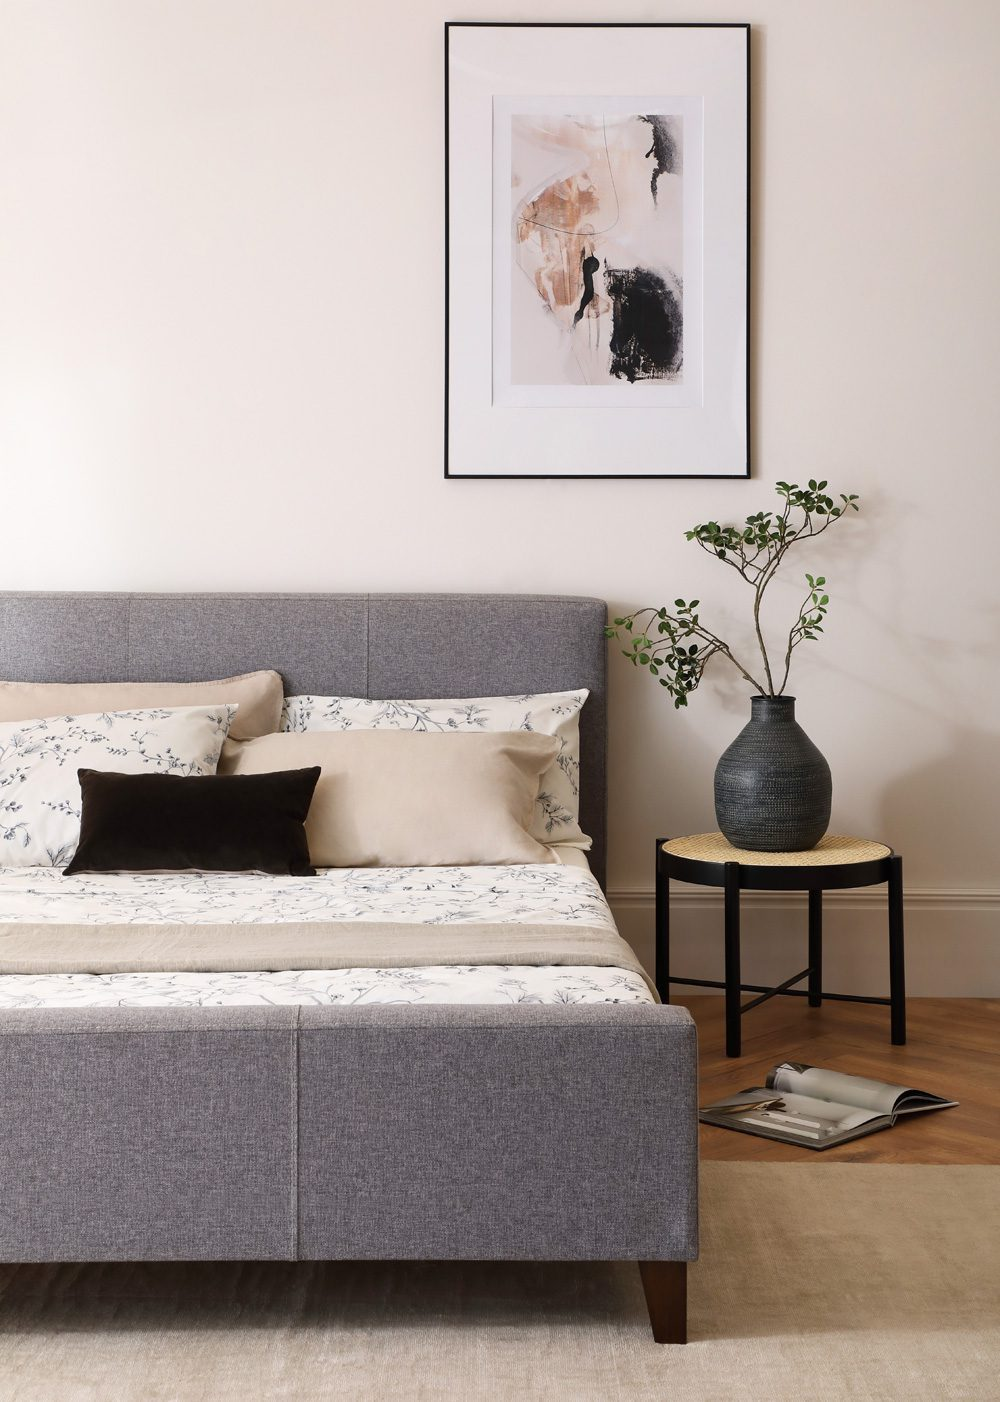 Caro-Bett in grau mit schwarzem Beistelltisch, Foto: Furniture and Choices